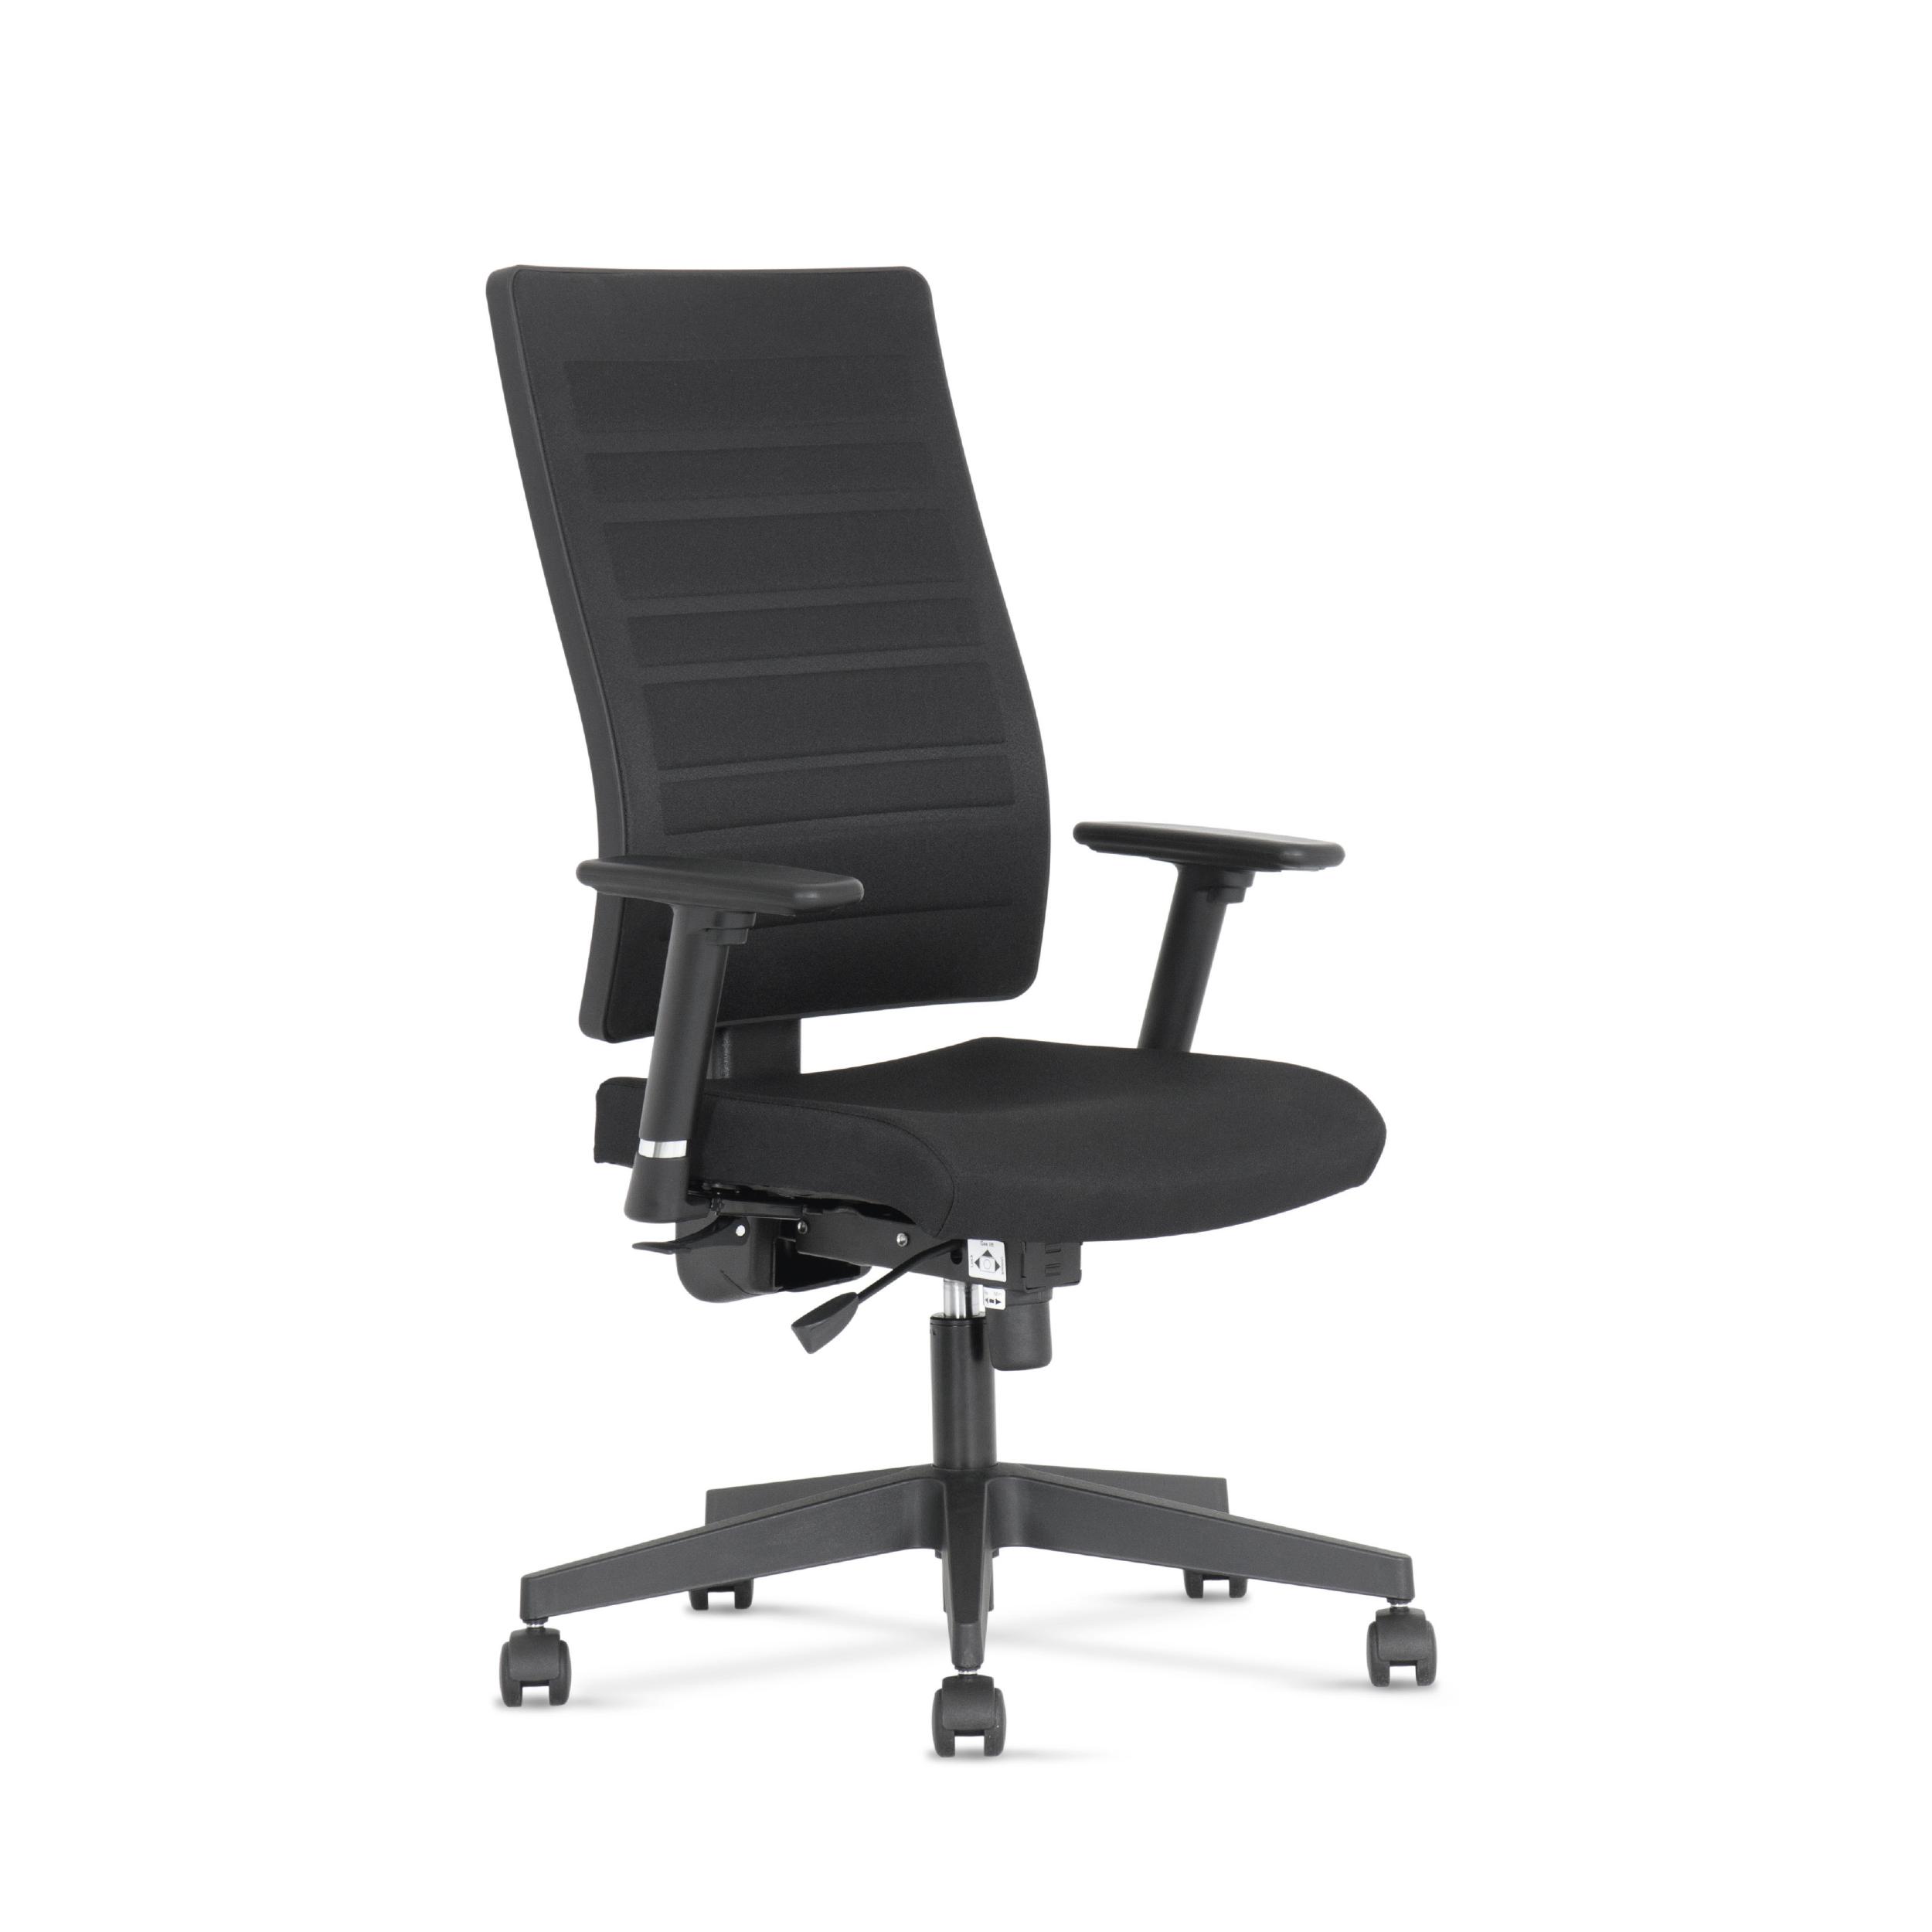 krzesło_Taktik05